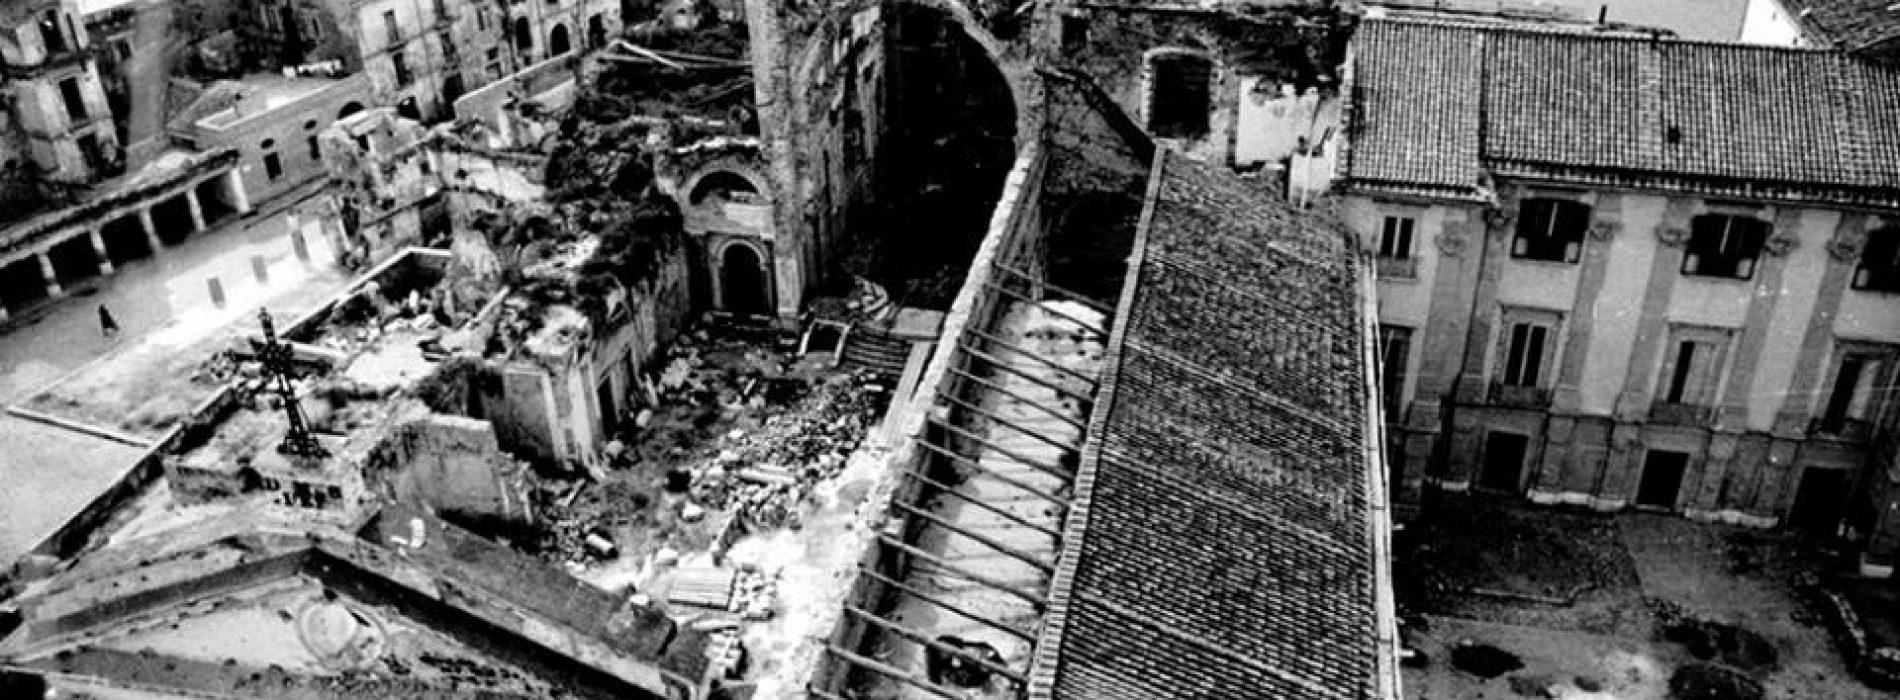 L'anniversario del bombardamento della città, Capua ricorda